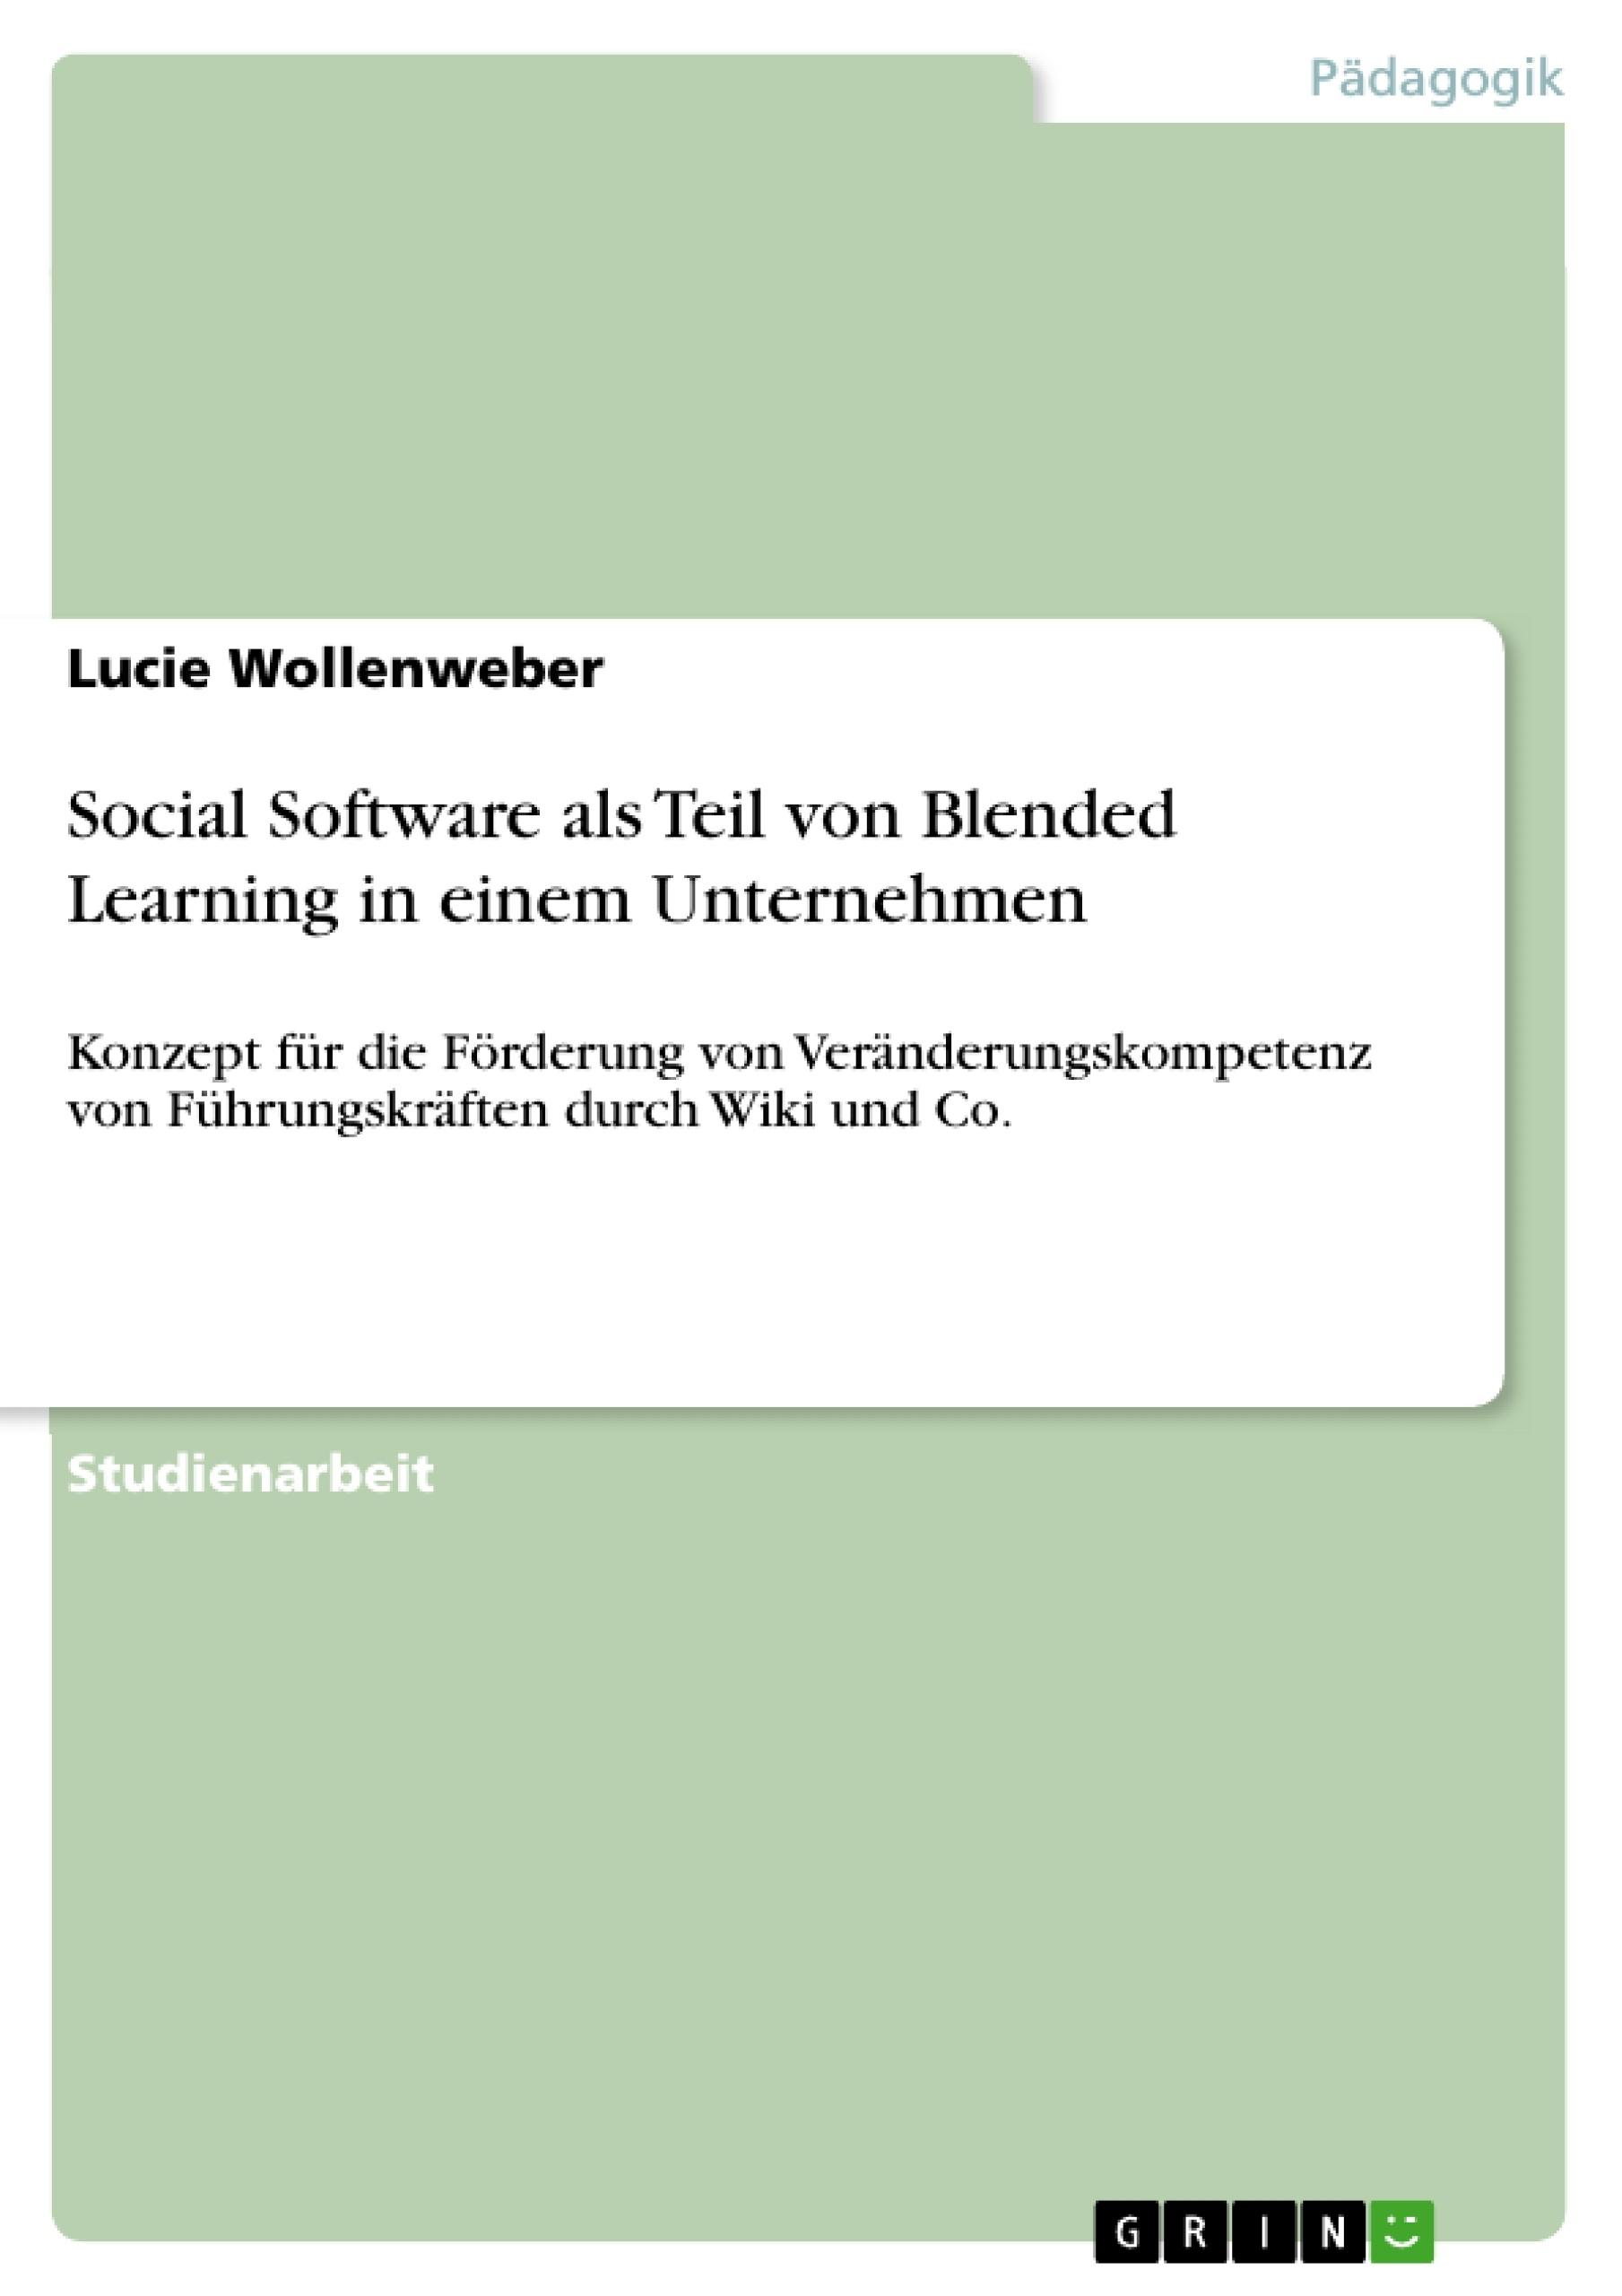 Titel: Social Software als Teil von Blended Learning in einem Unternehmen